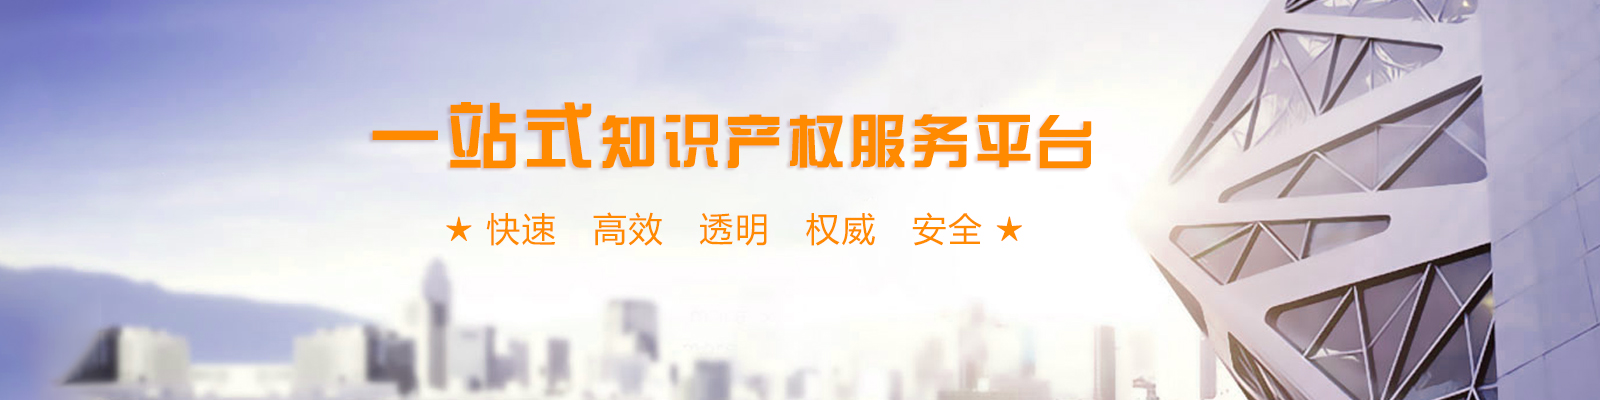 淮安市众阳科技有限公司